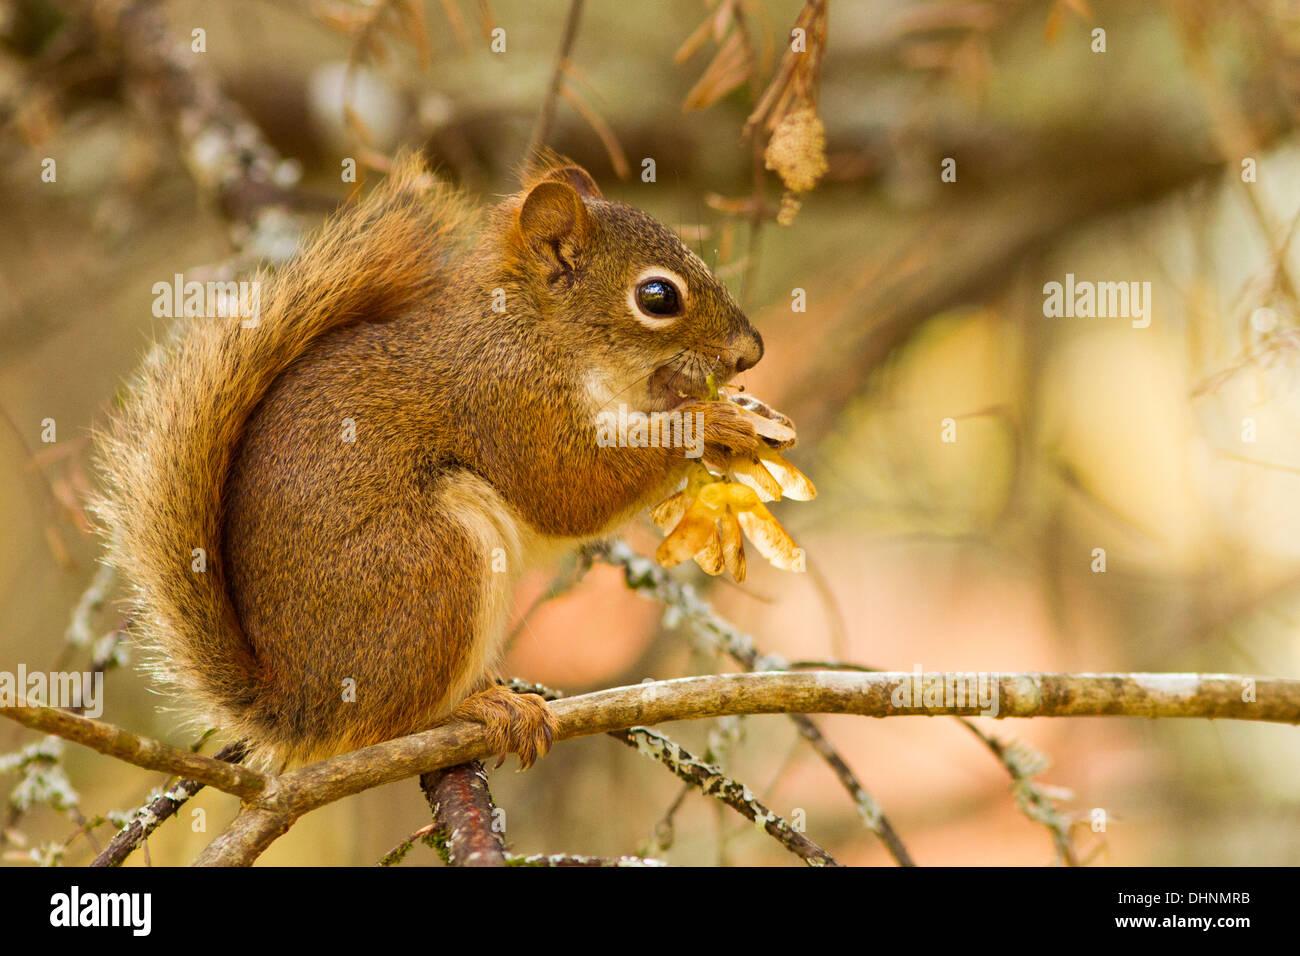 American red squirrel in autumn light(Tamiasciurus hudsonicus) - Stock Image